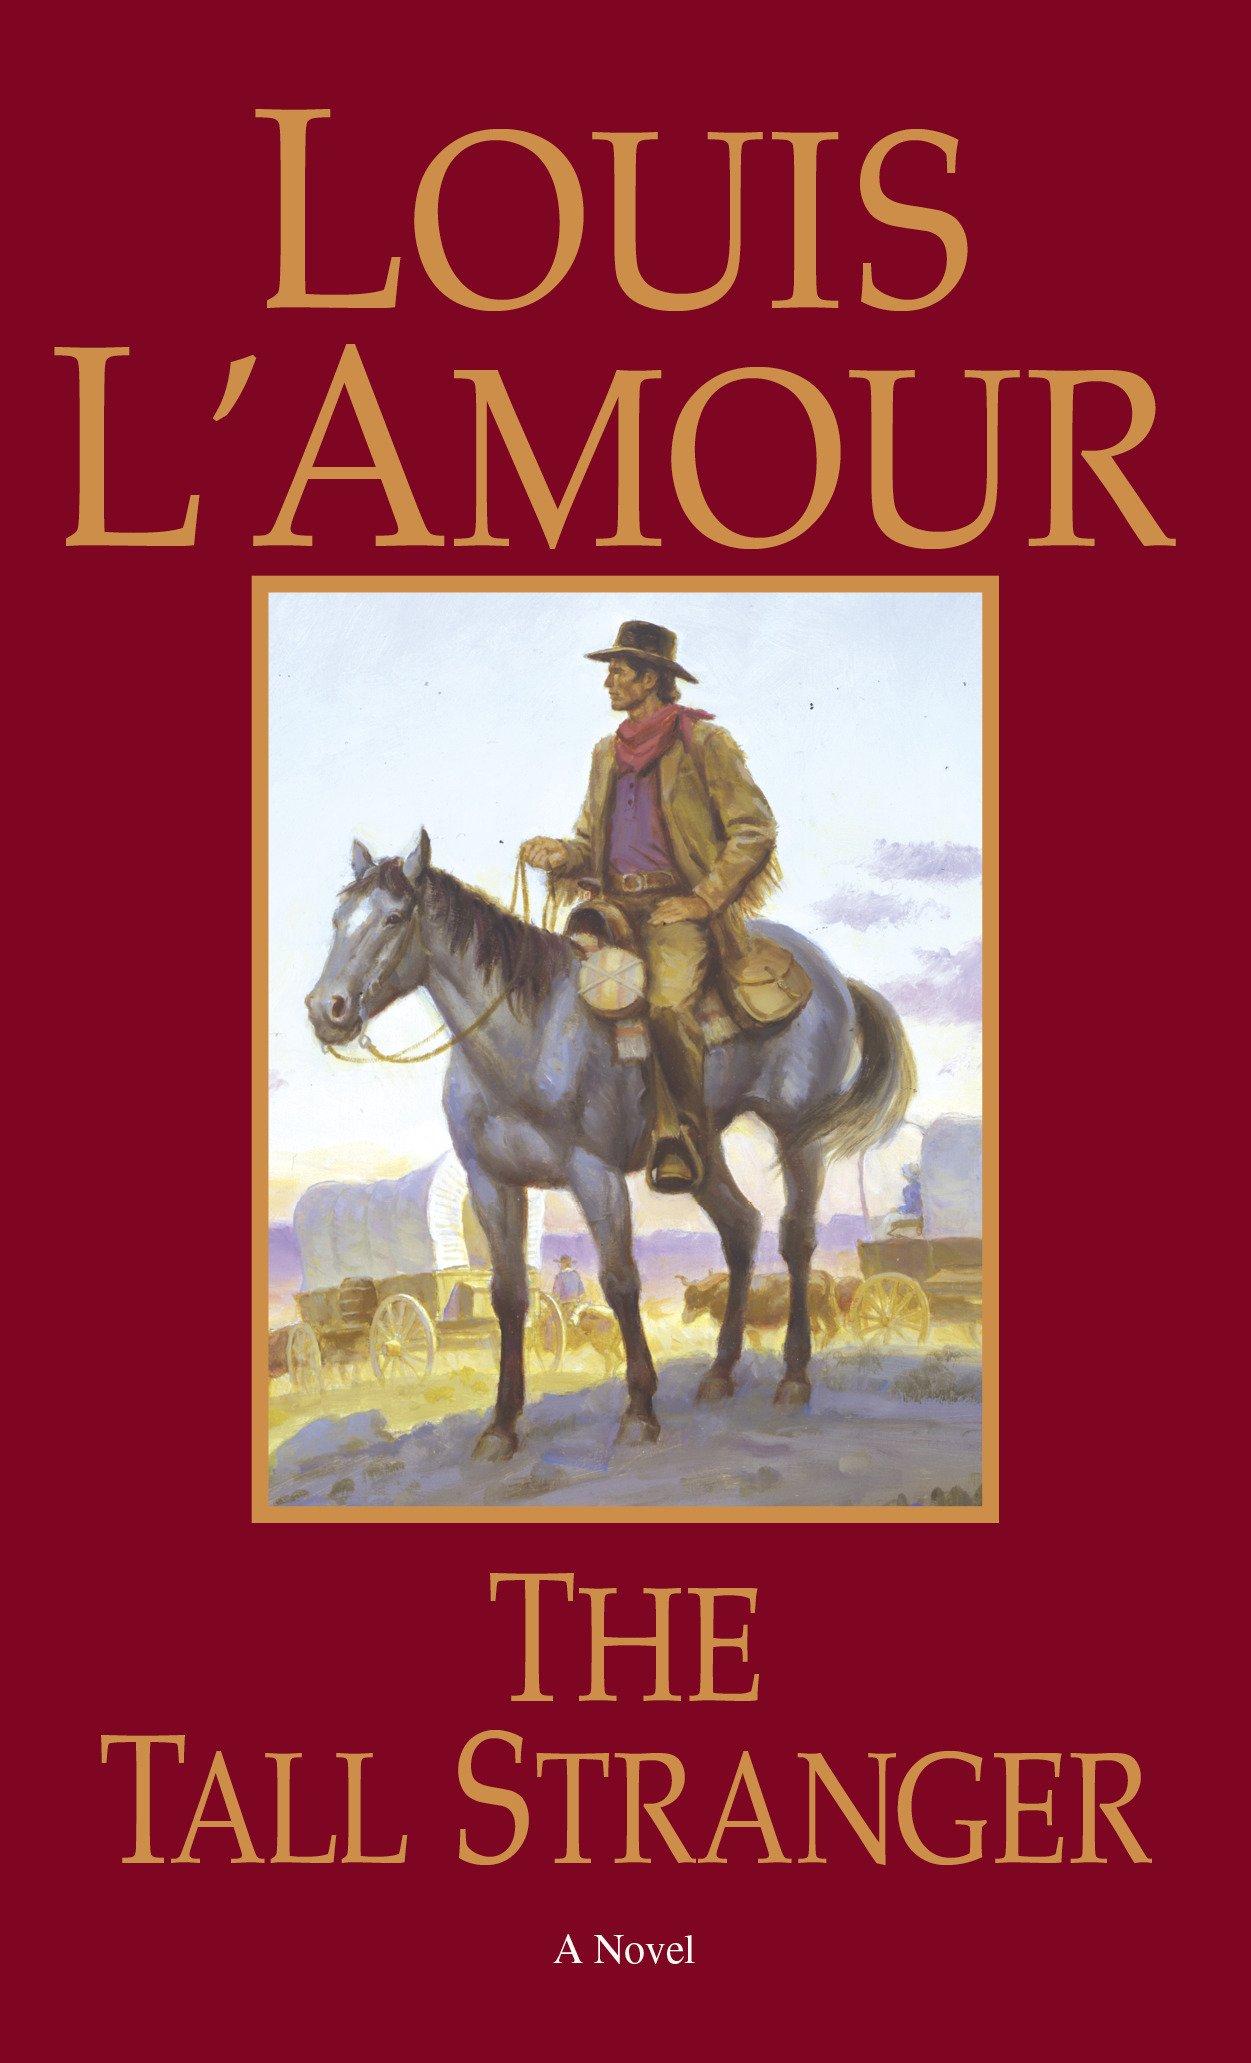 The Tall Stranger: A Novel